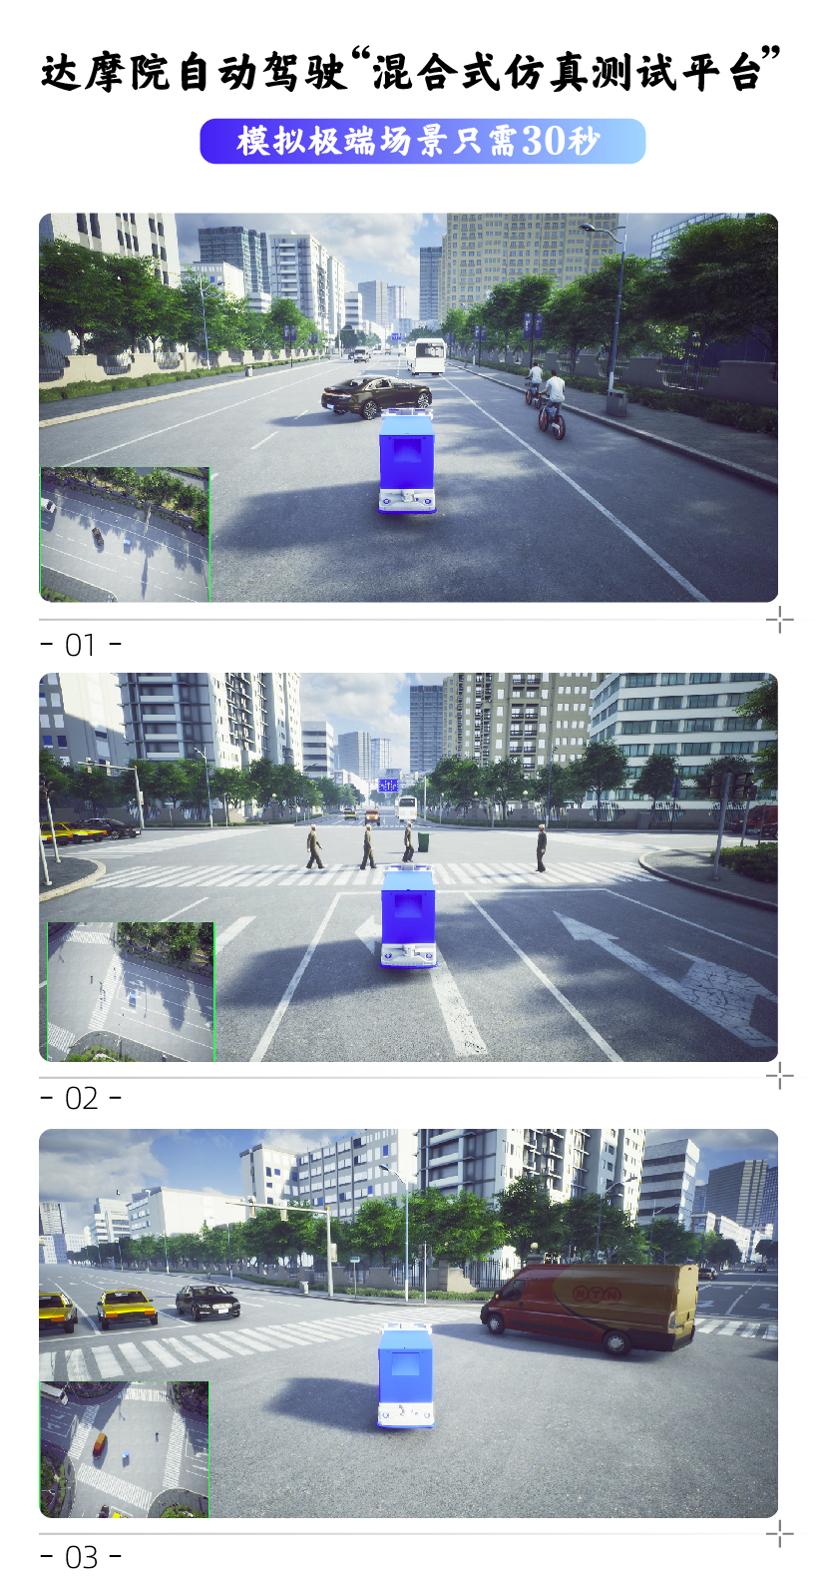 阿里发布全球首个自动驾驶仿真路测平台 一天可测800万公里